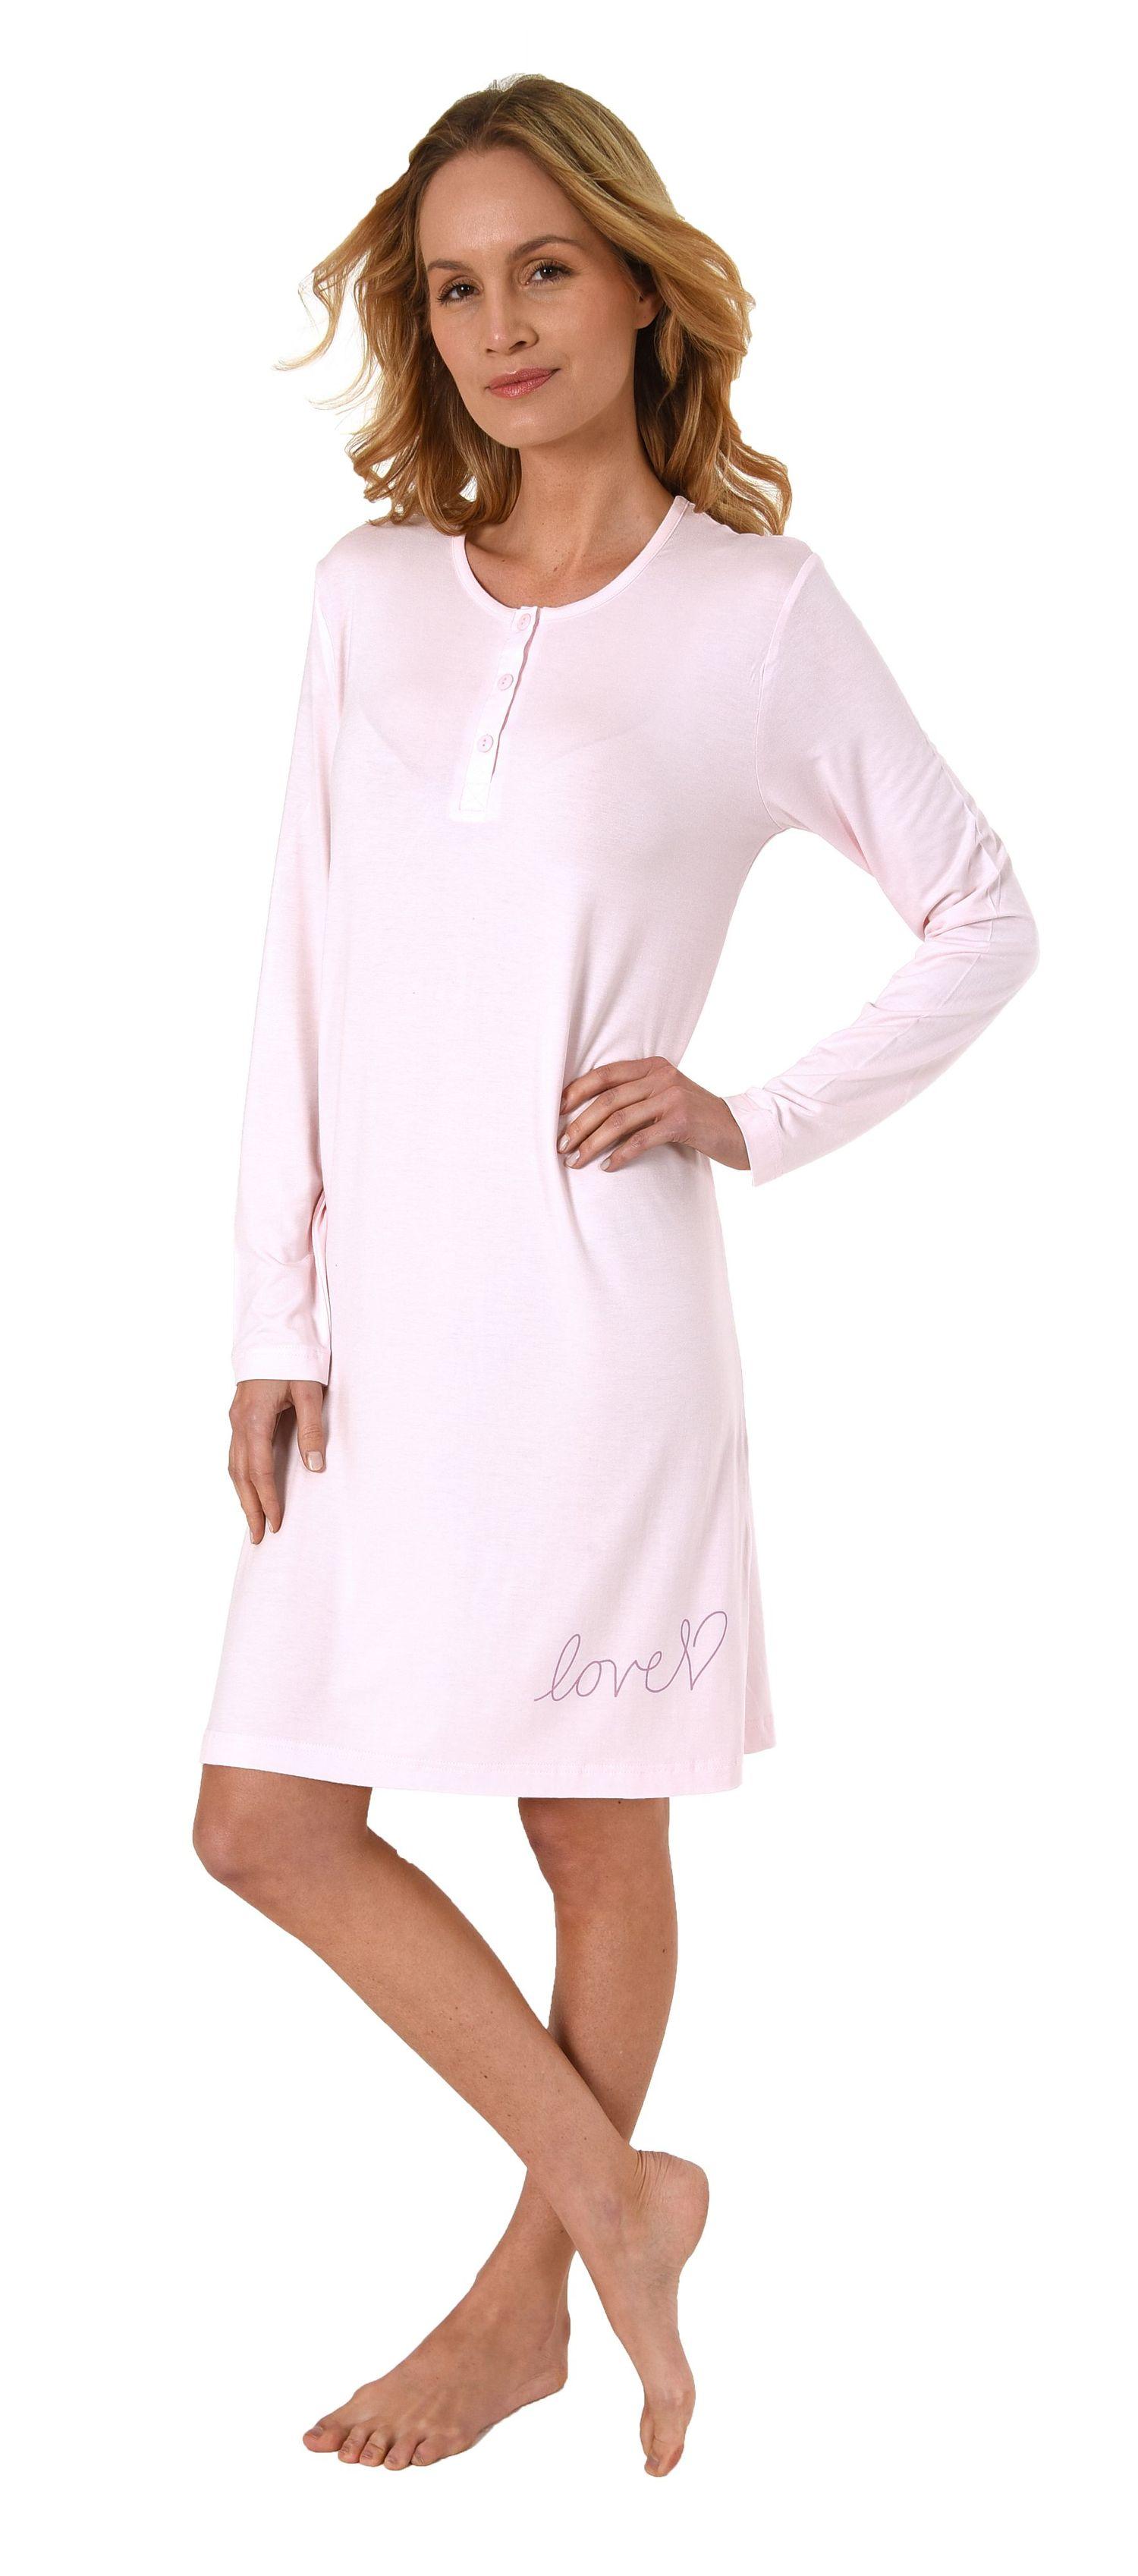 sale retailer bf687 5285b Elegantes Damen Nachthemd Bigshirt langarm mit Knopfleiste - 281 213 90 351    Tag- und Nachtwäsche im Wäscheland